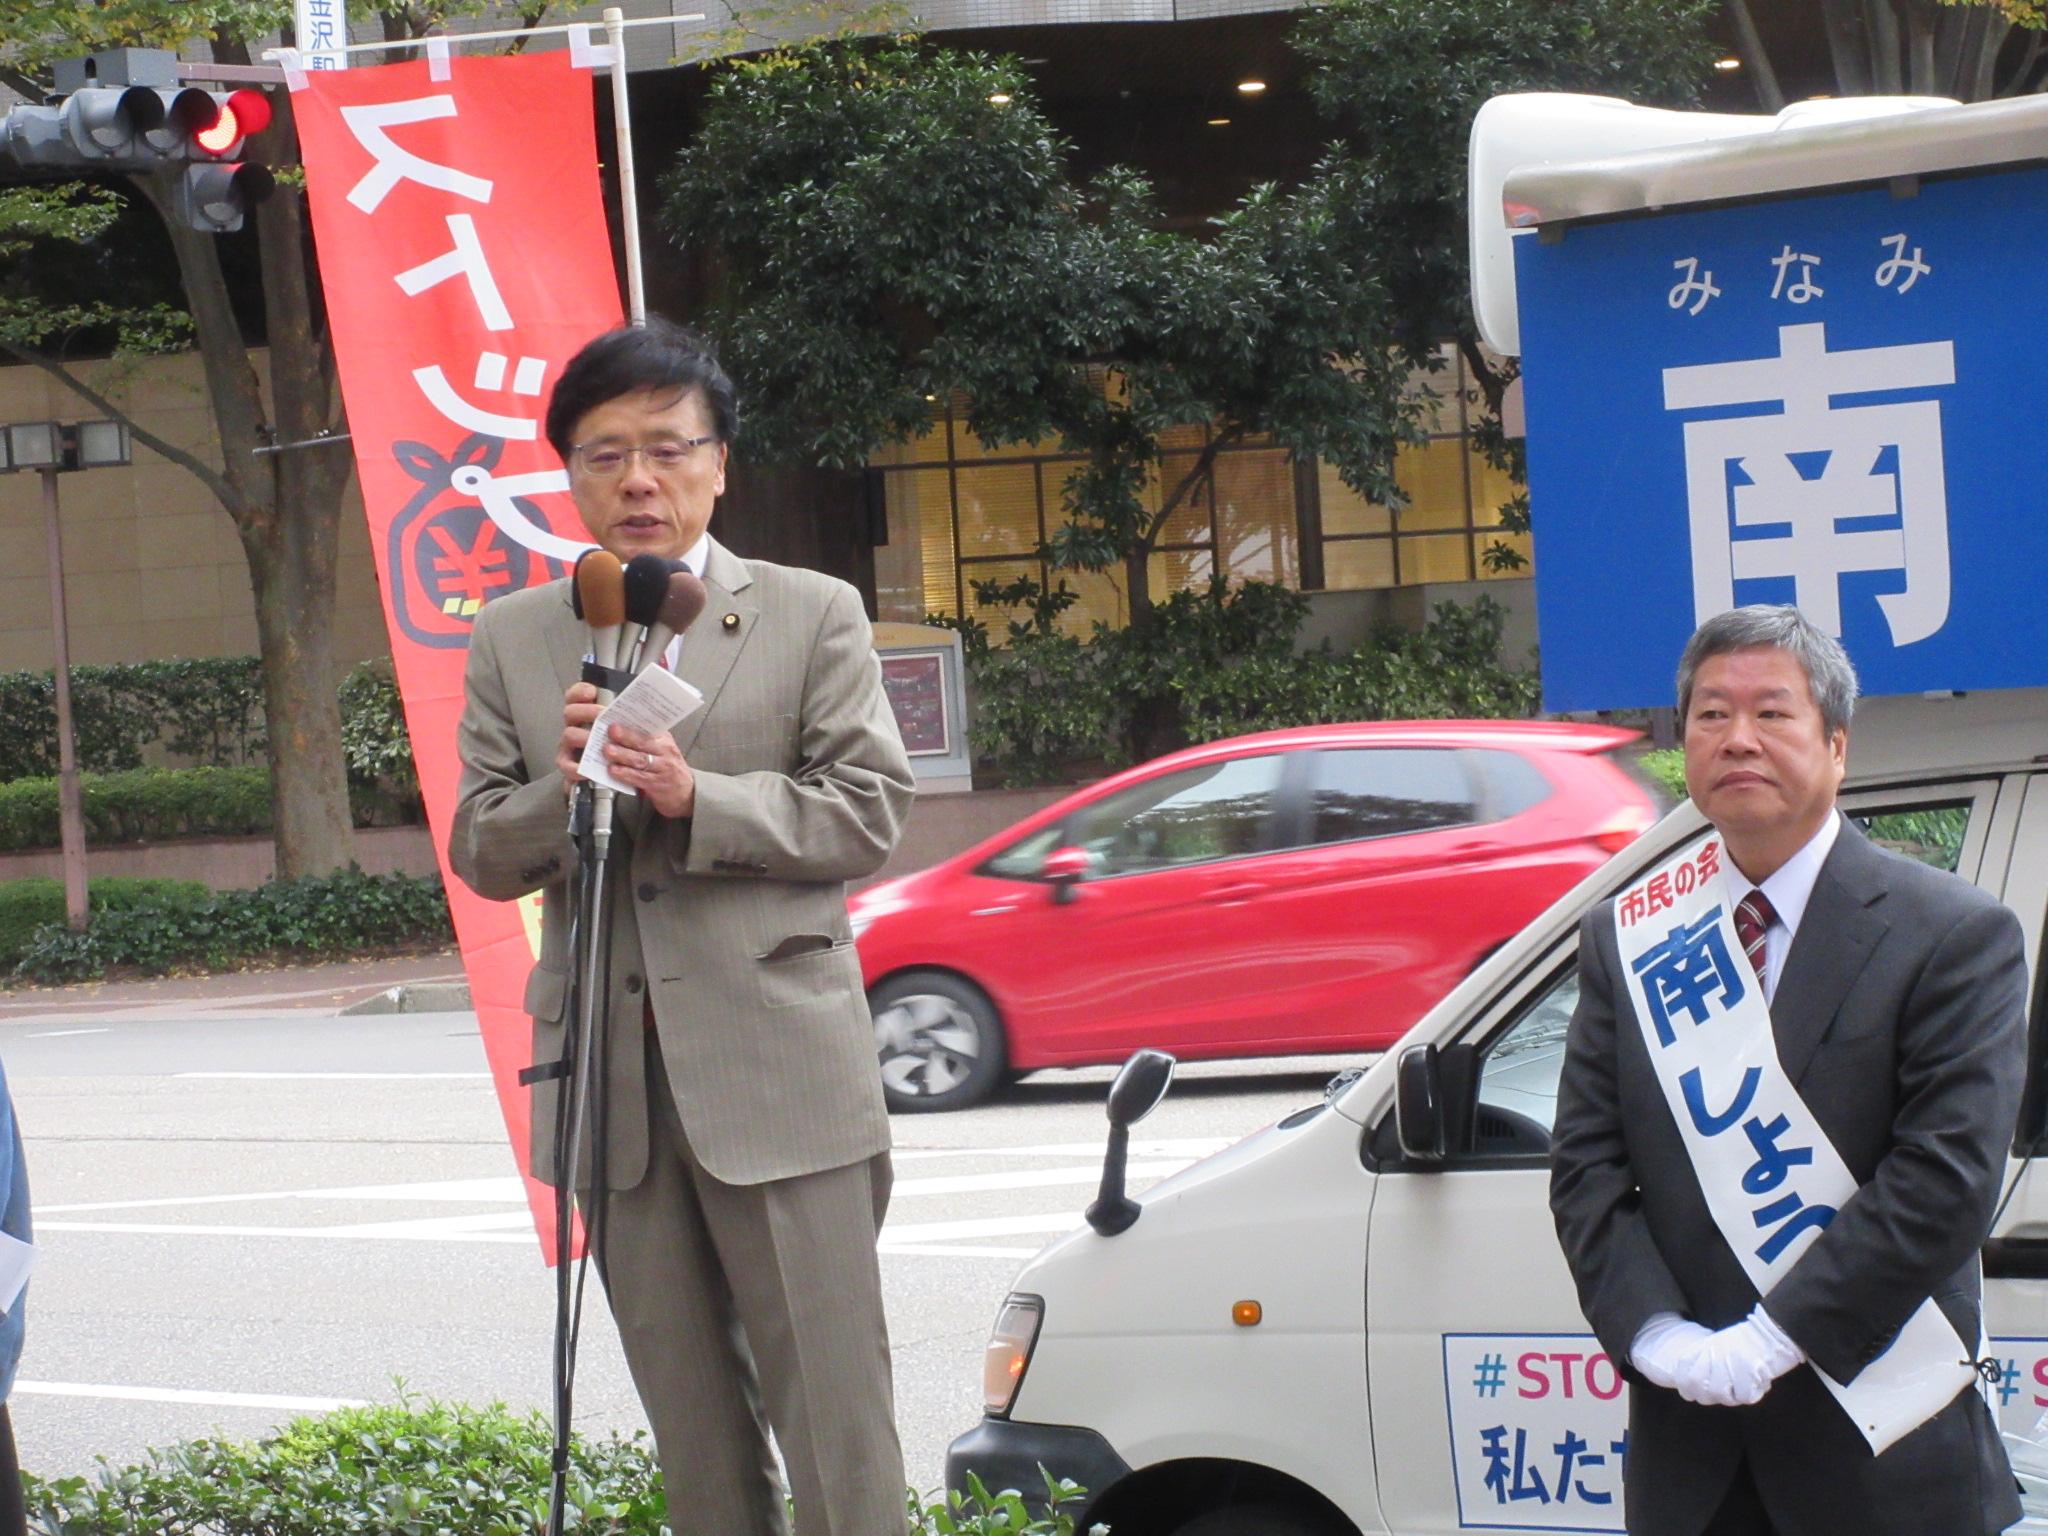 http://www.inoue-satoshi.com/diary/IMG_6616.JPG